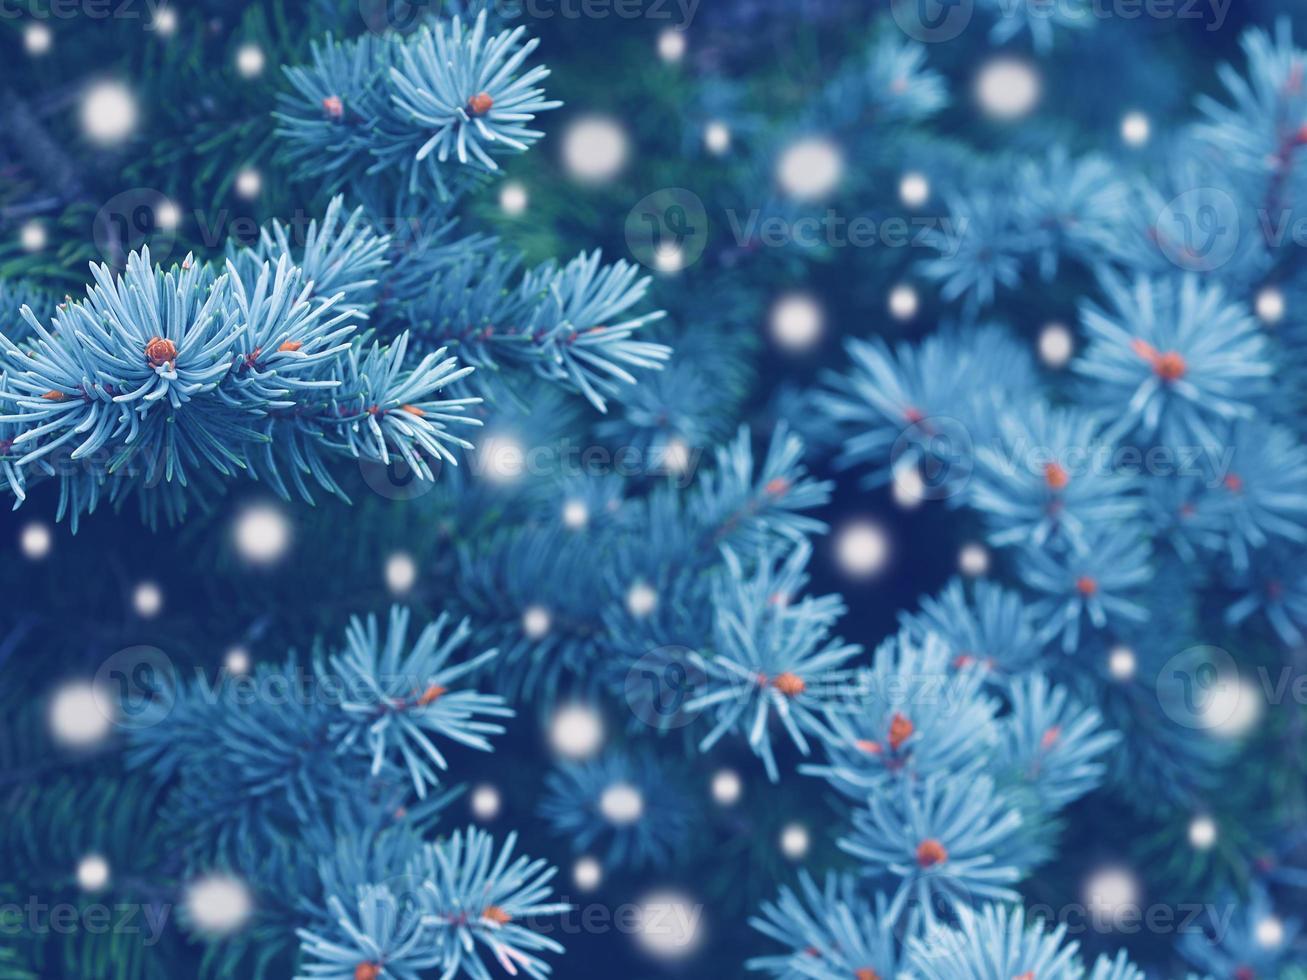 wintermagie in het bos foto